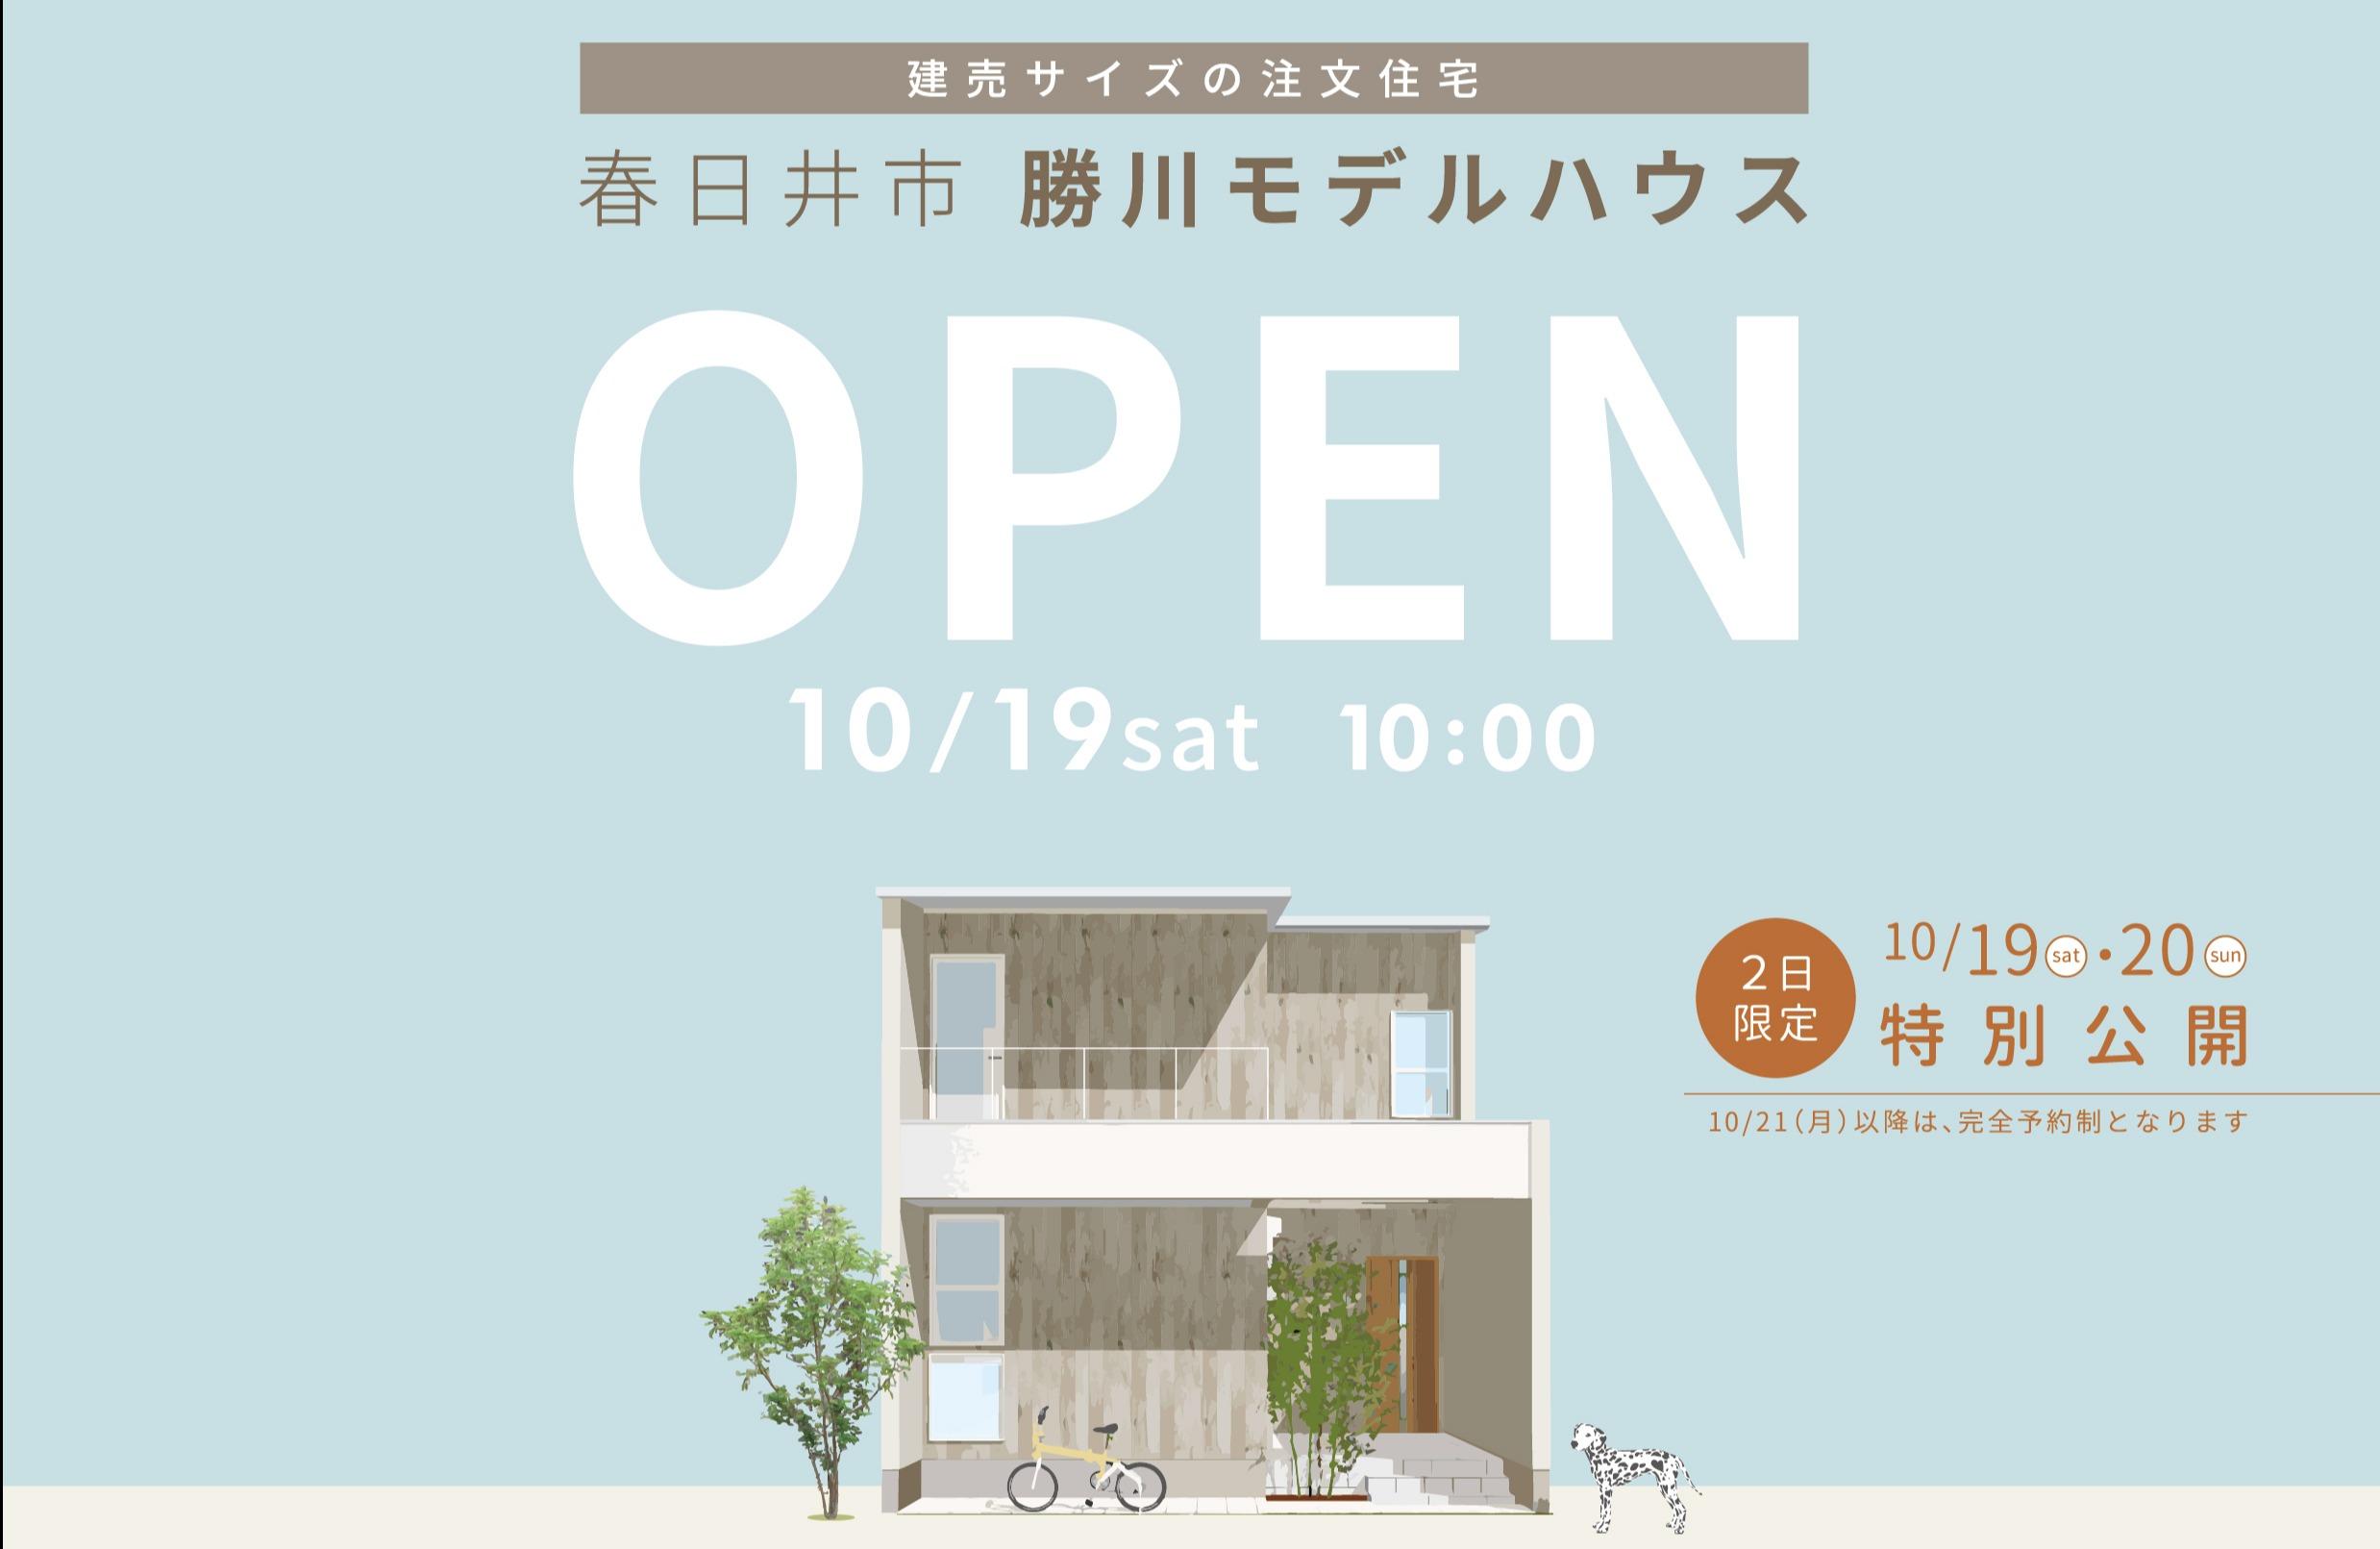 191019-20_勝川モデルハウス_DM_omote